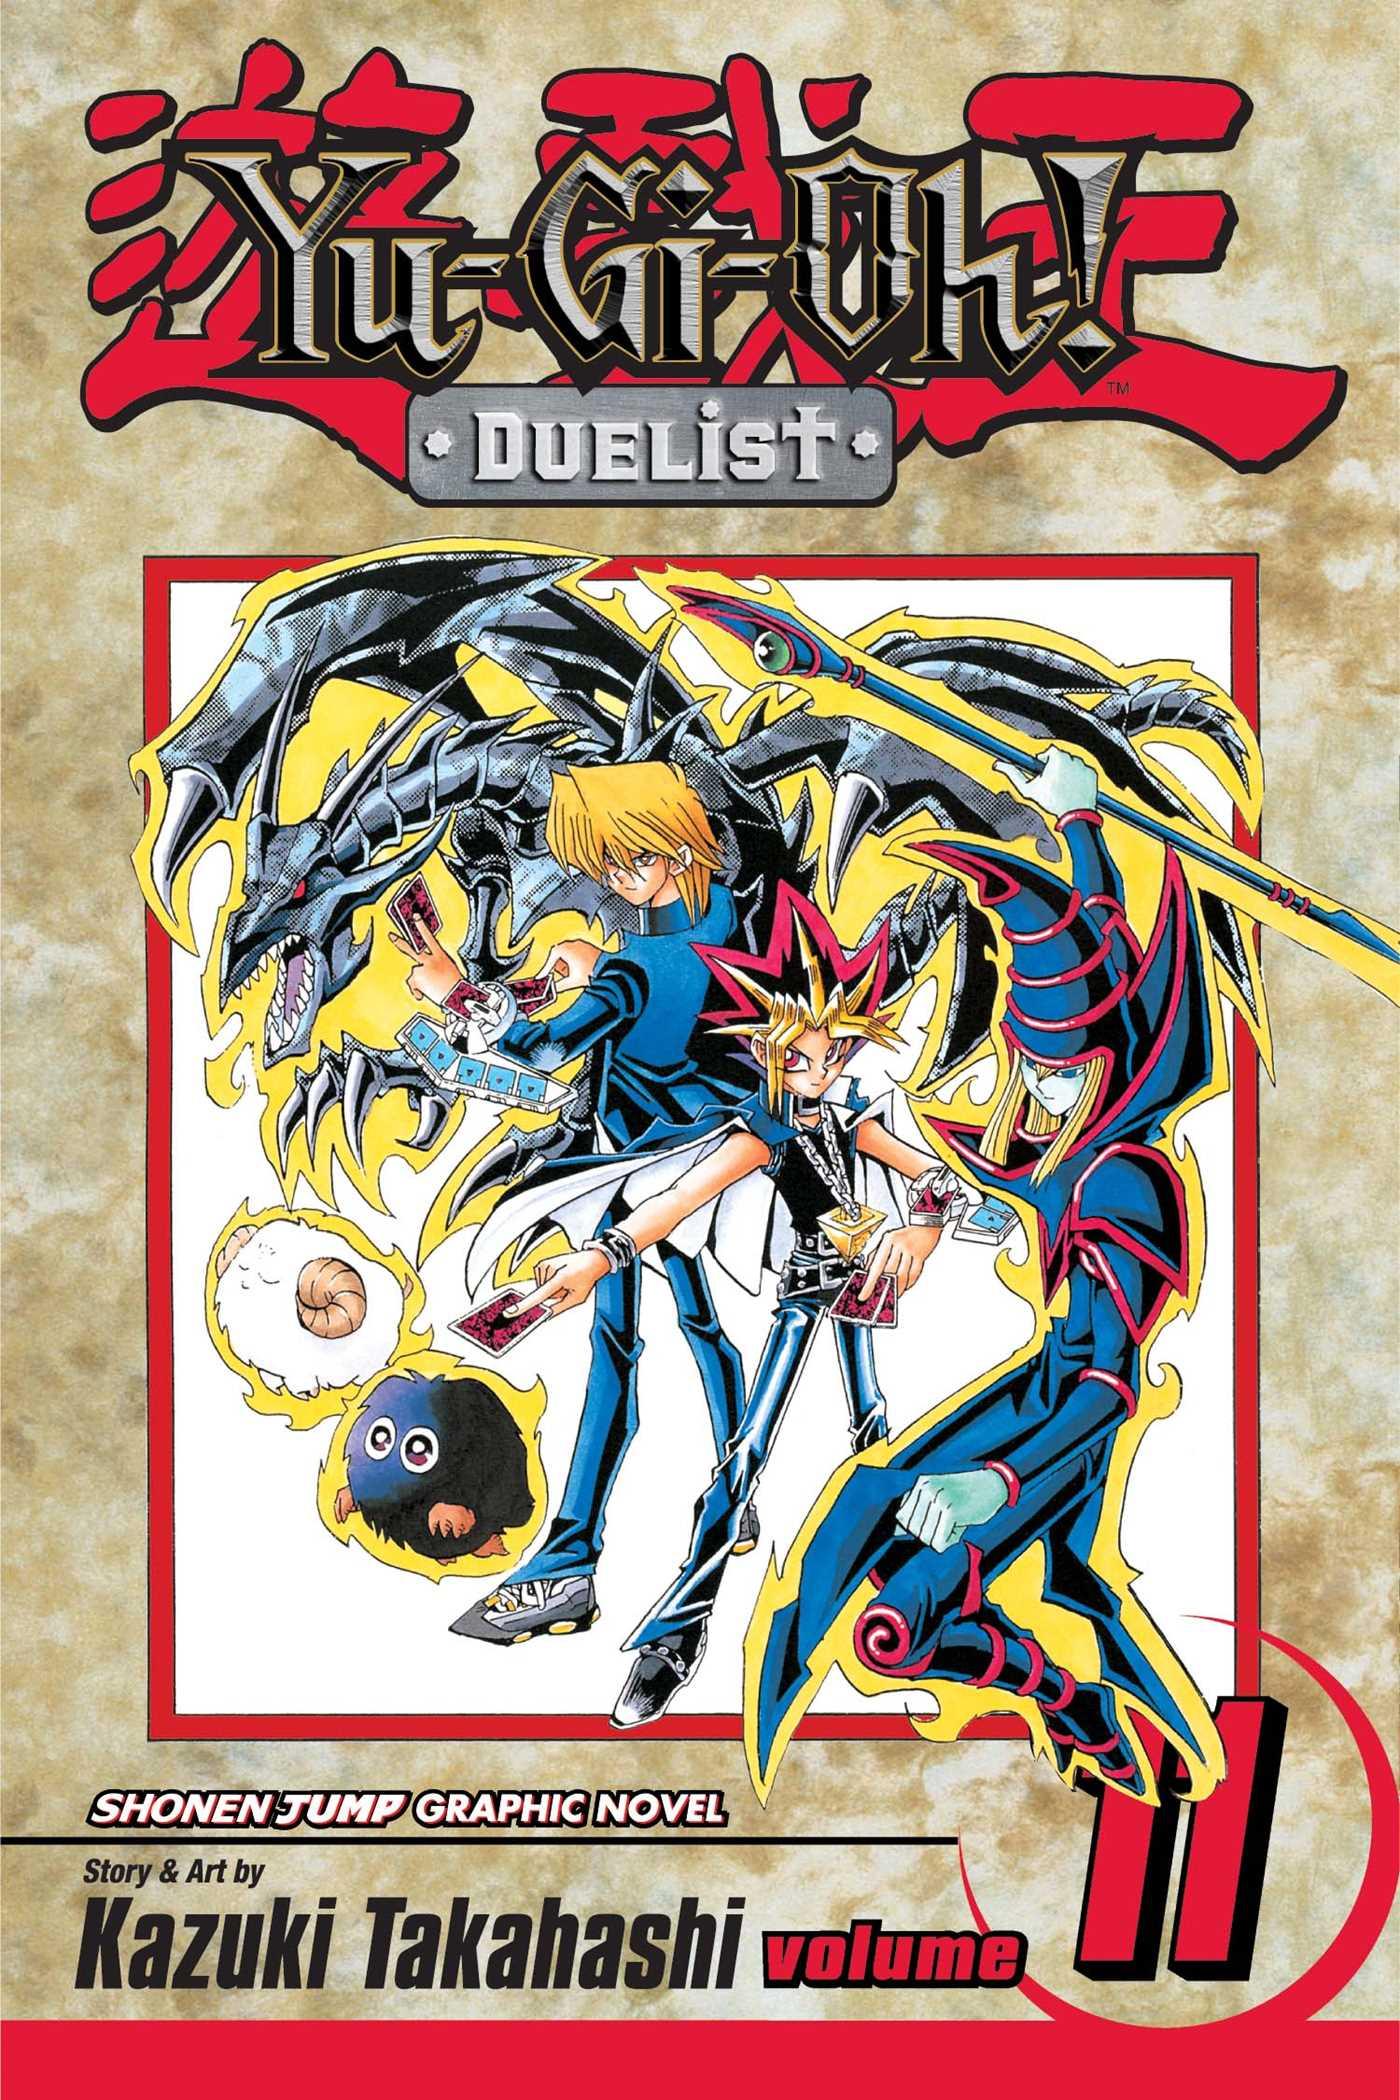 Yu gi oh duelist vol 11 9781421501505 hr